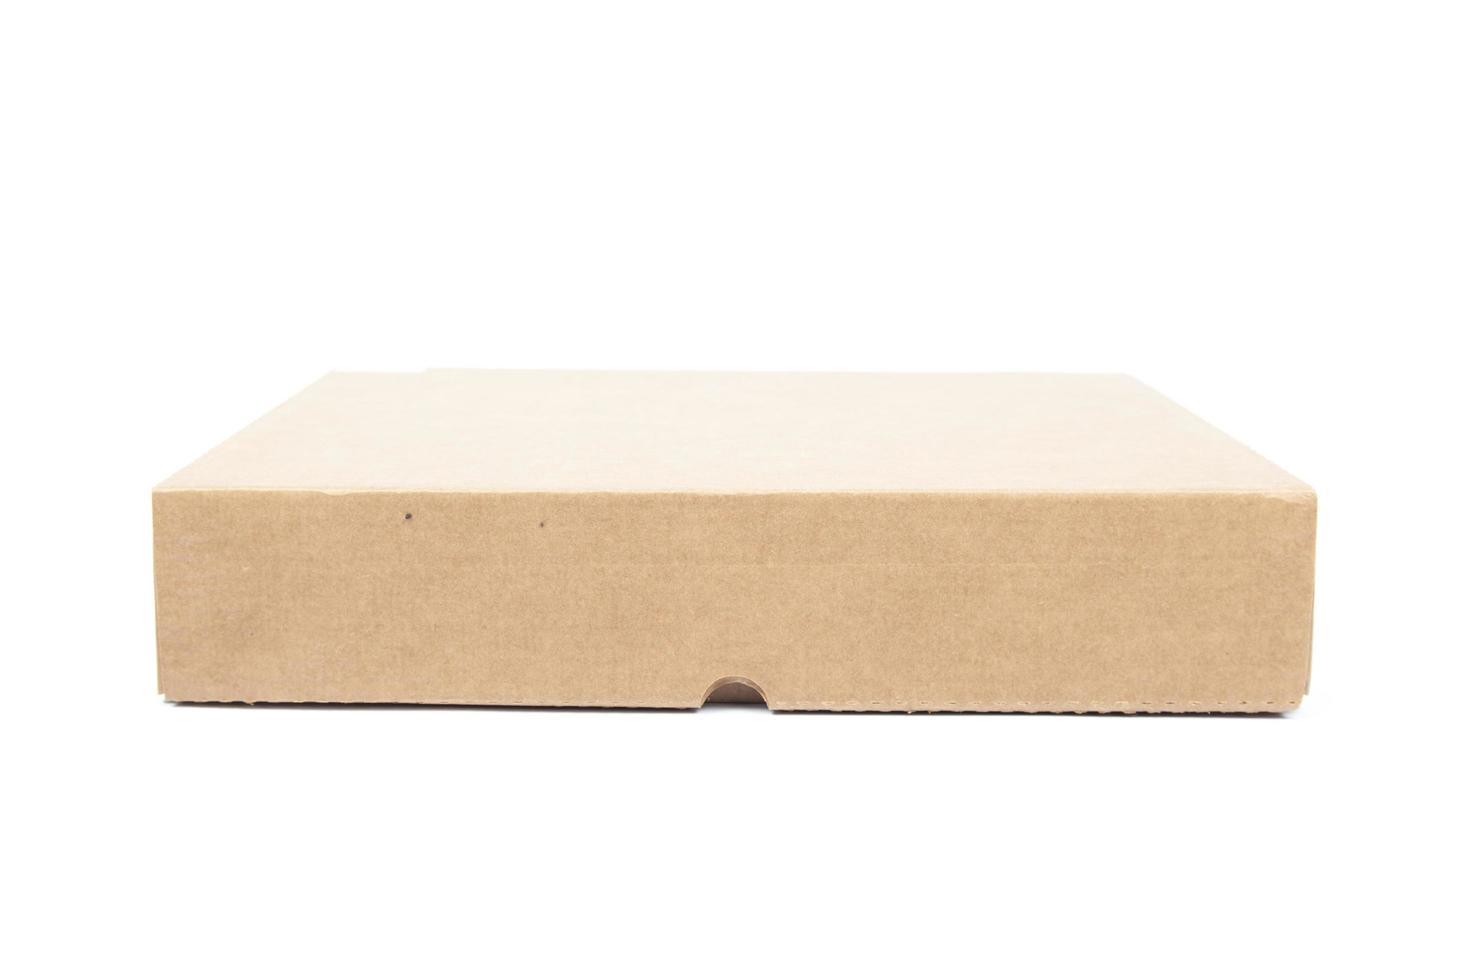 scatola di carta marrone su sfondo bianco foto